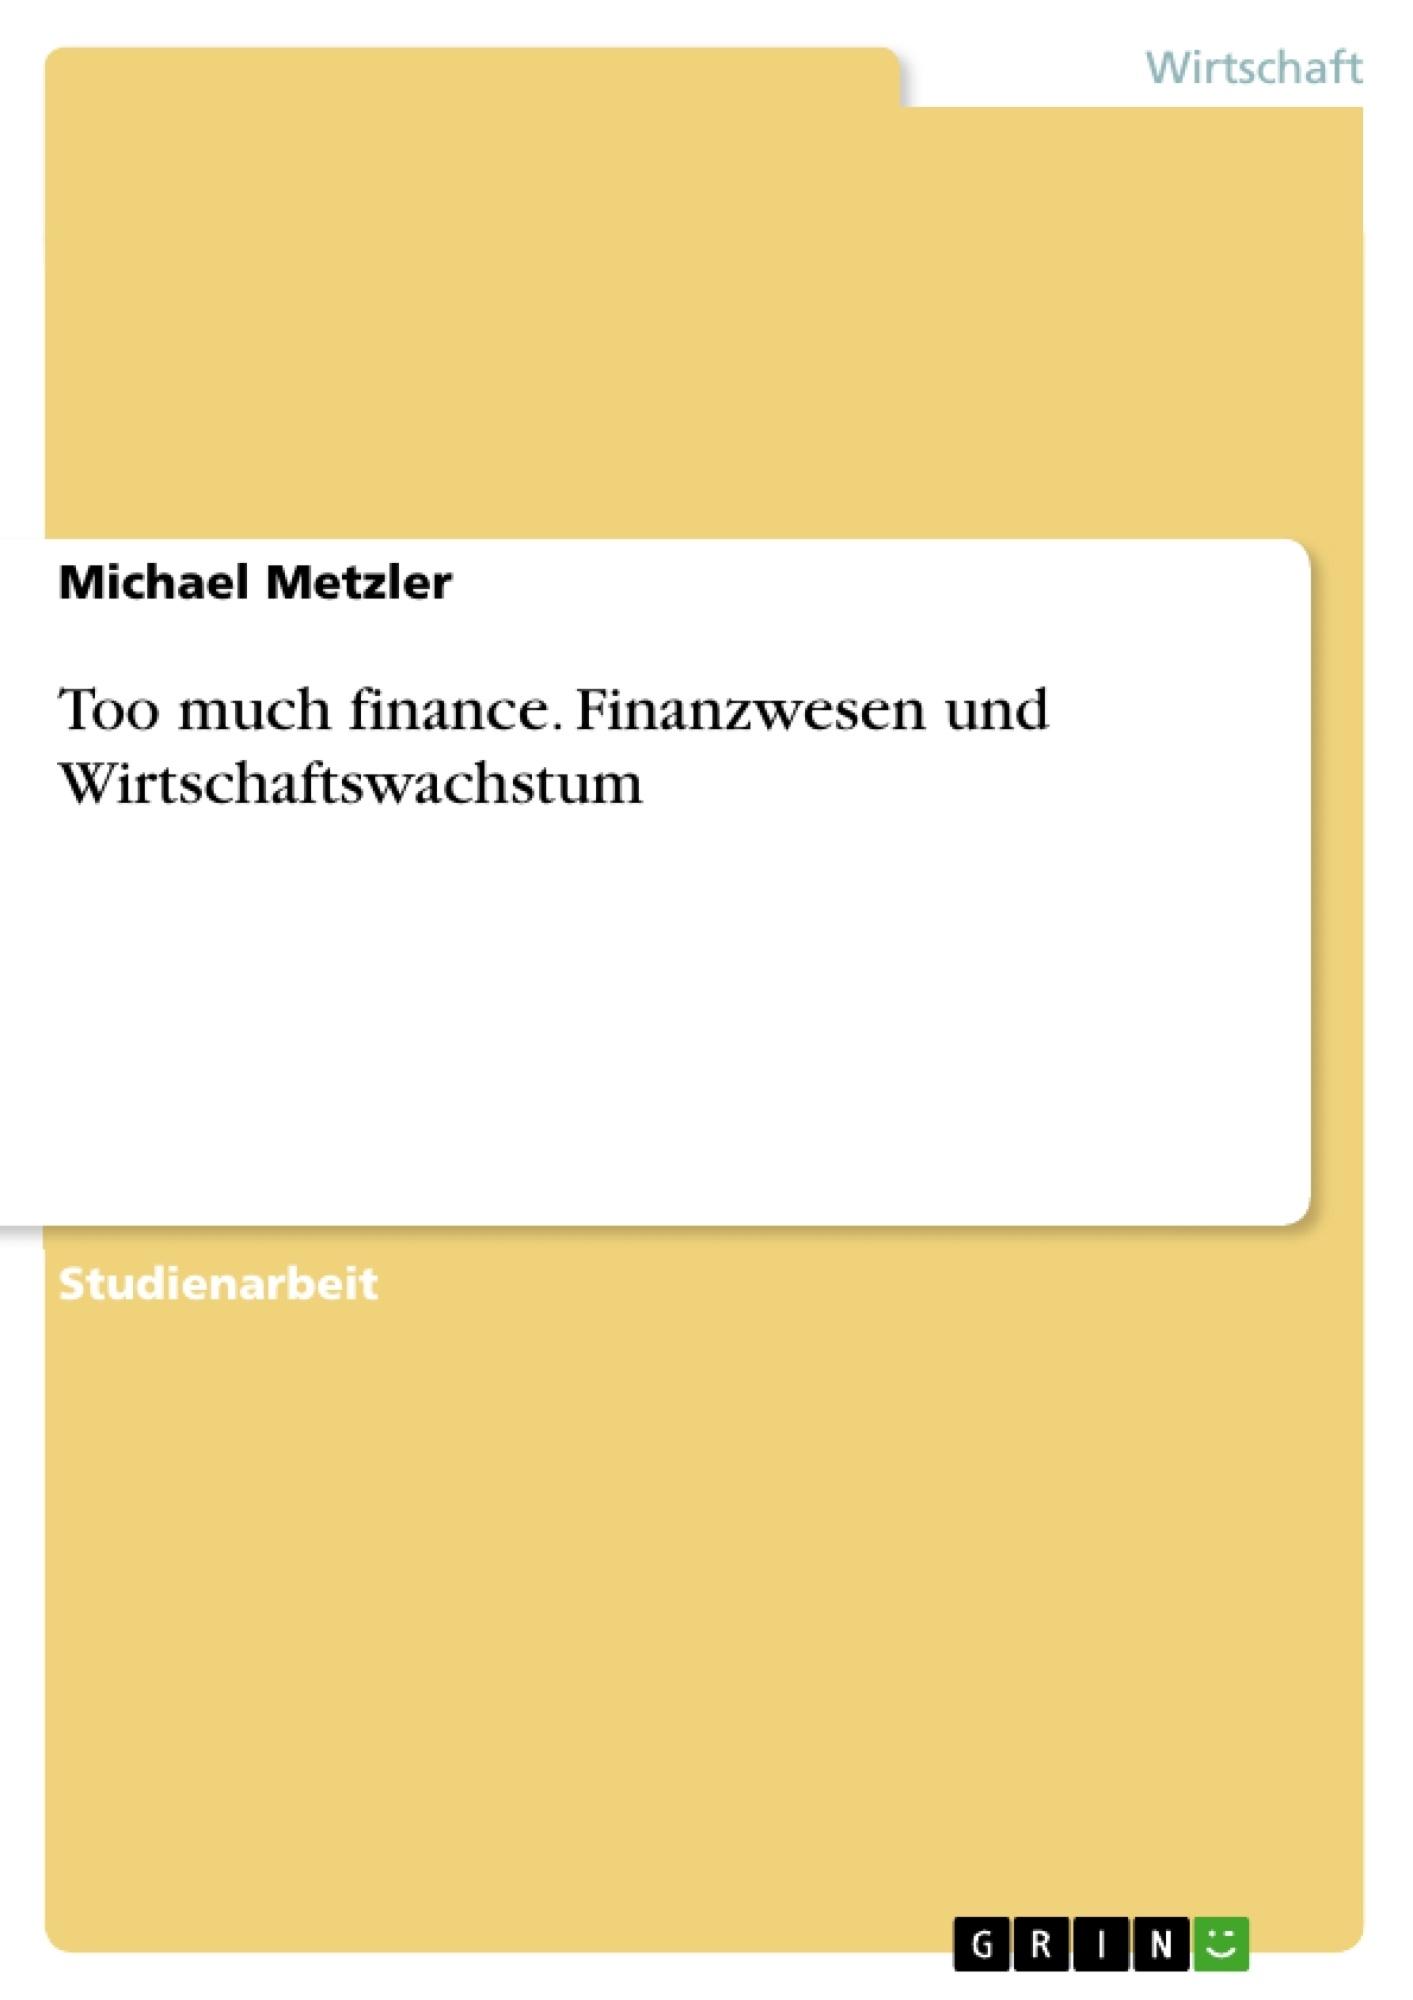 Titel: Too much finance. Finanzwesen und Wirtschaftswachstum